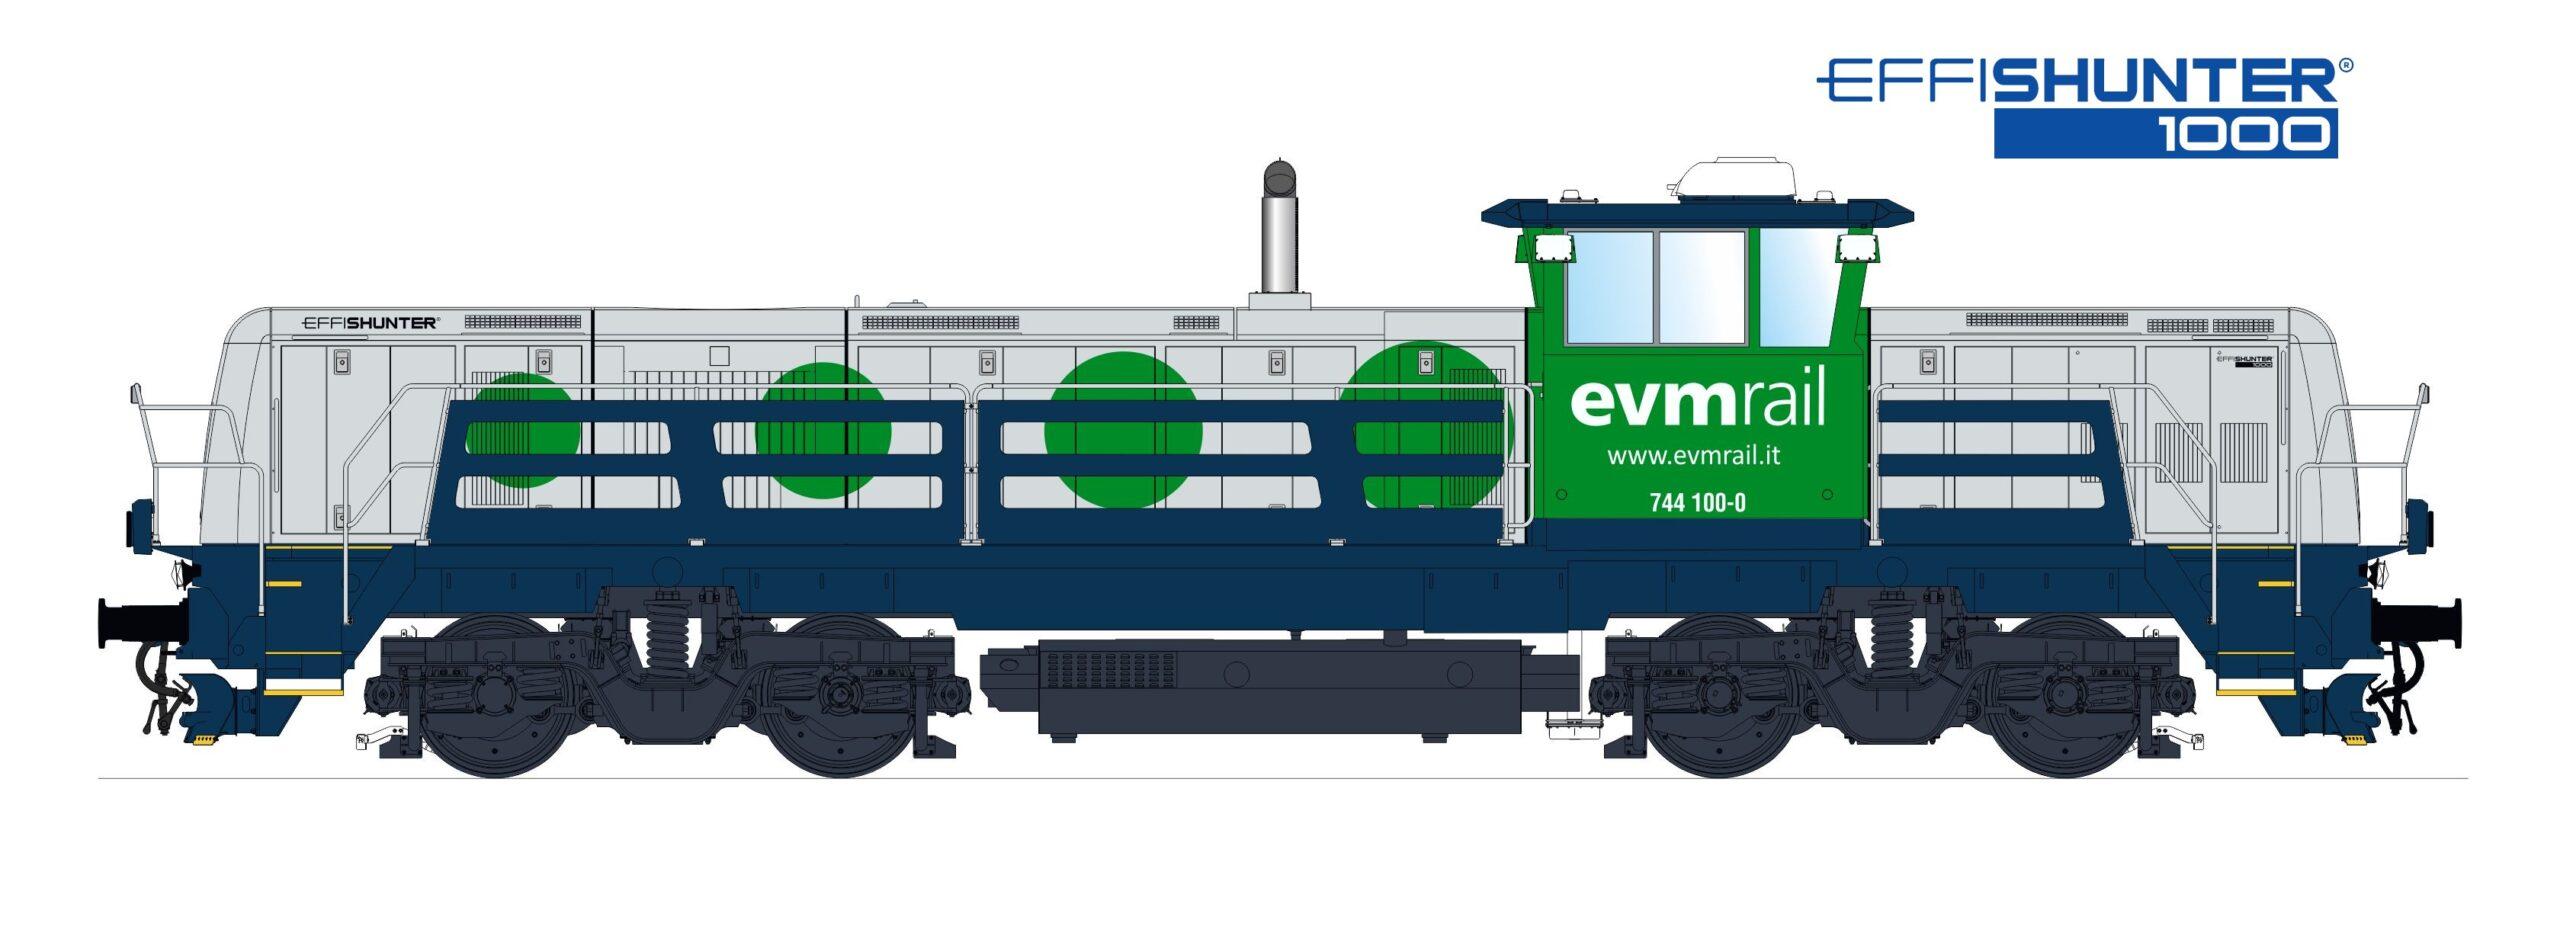 CZ Loko EffiShunter 1000 for EVM Rail